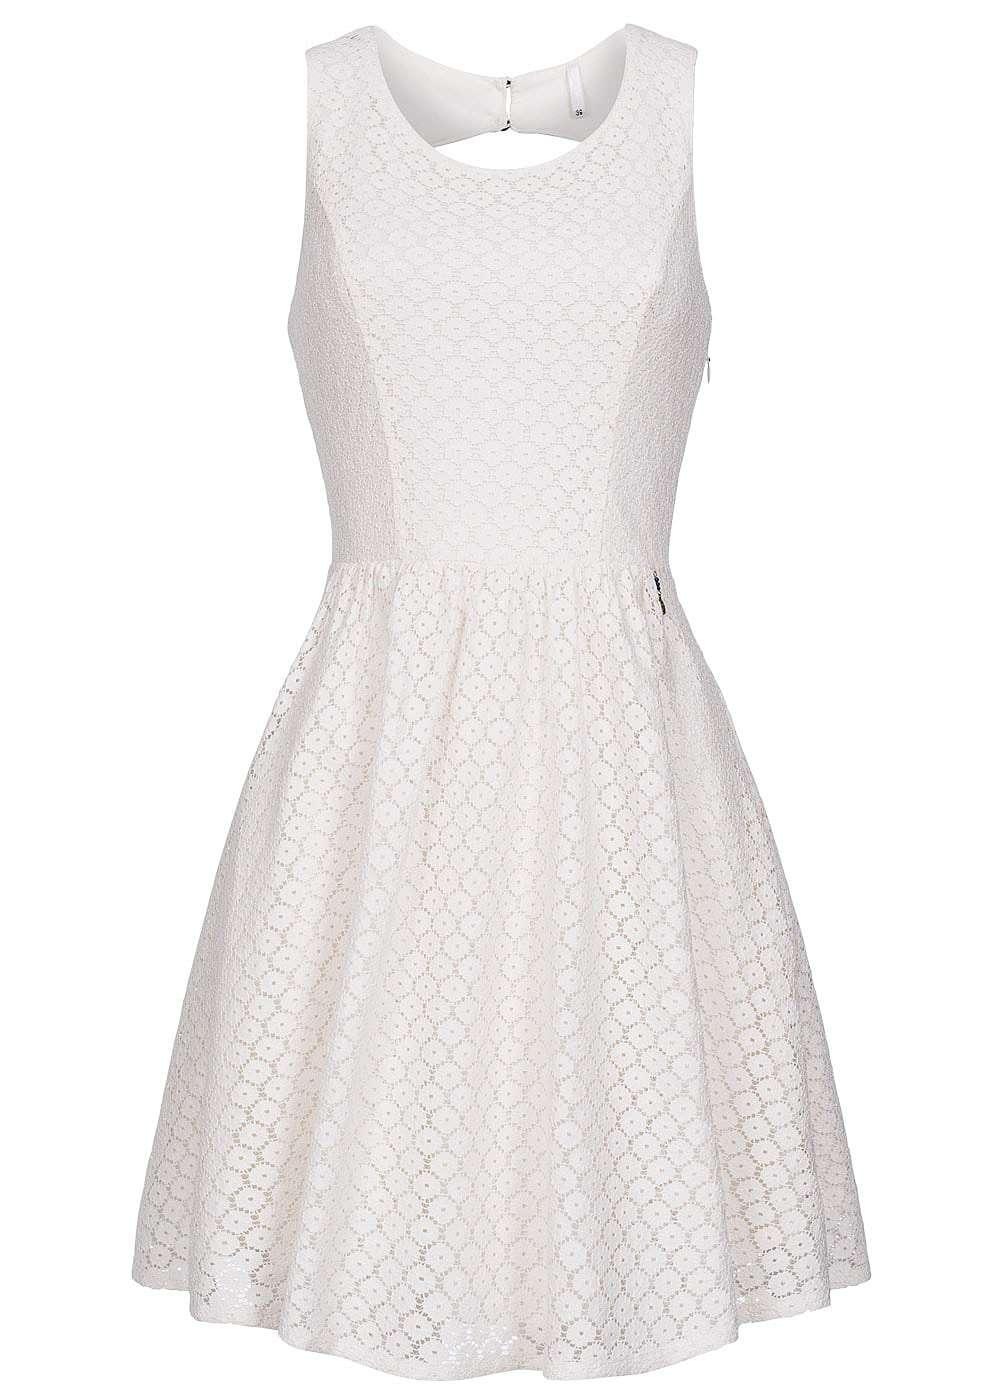 ONLY Damen Mini Kleid 2-lagig Rückenausschnitt Loch Optik Allover ...